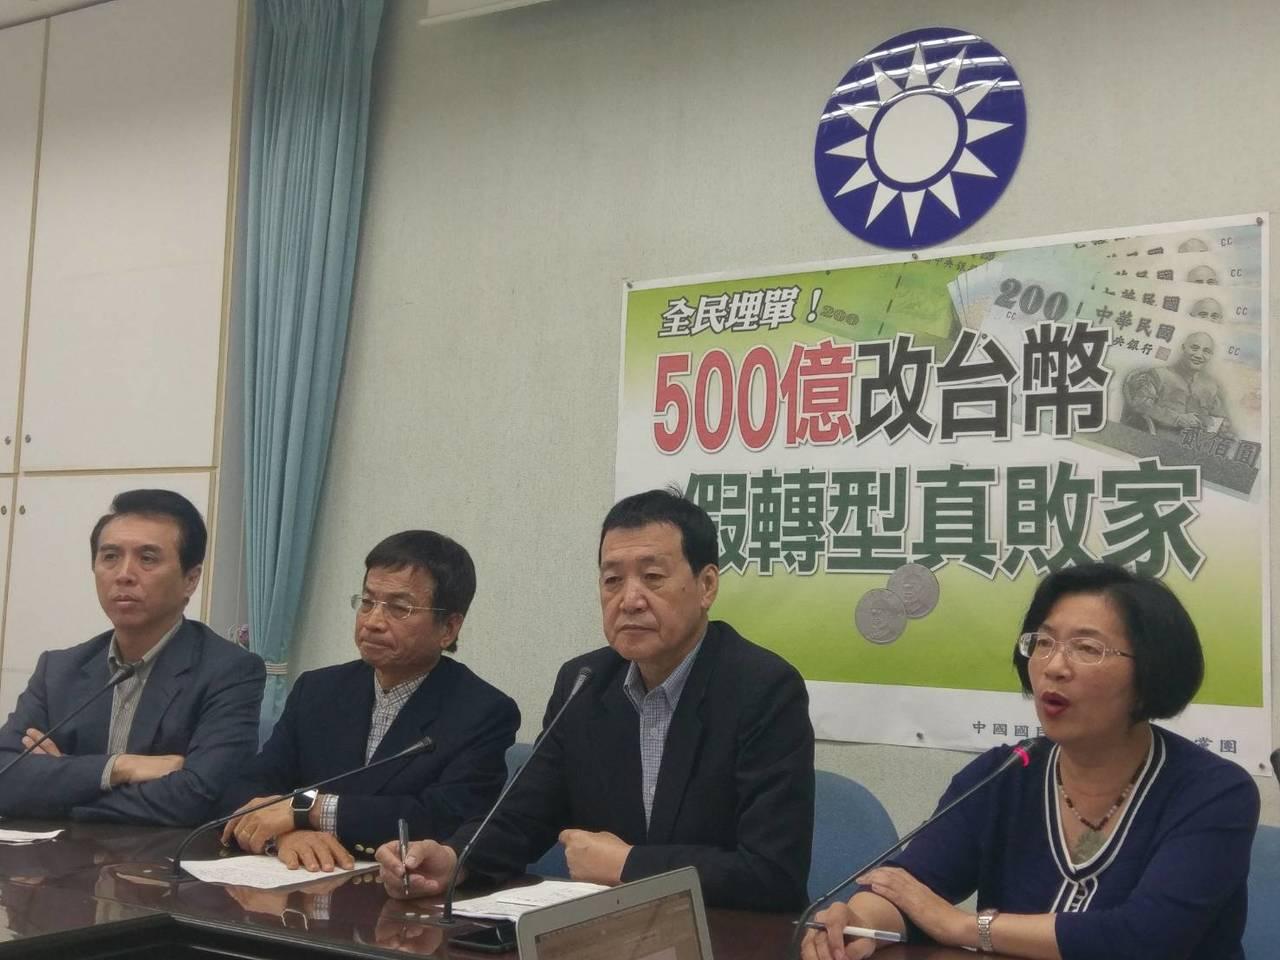 國民黨立委批評新台幣改版。記者徐偉真/攝影